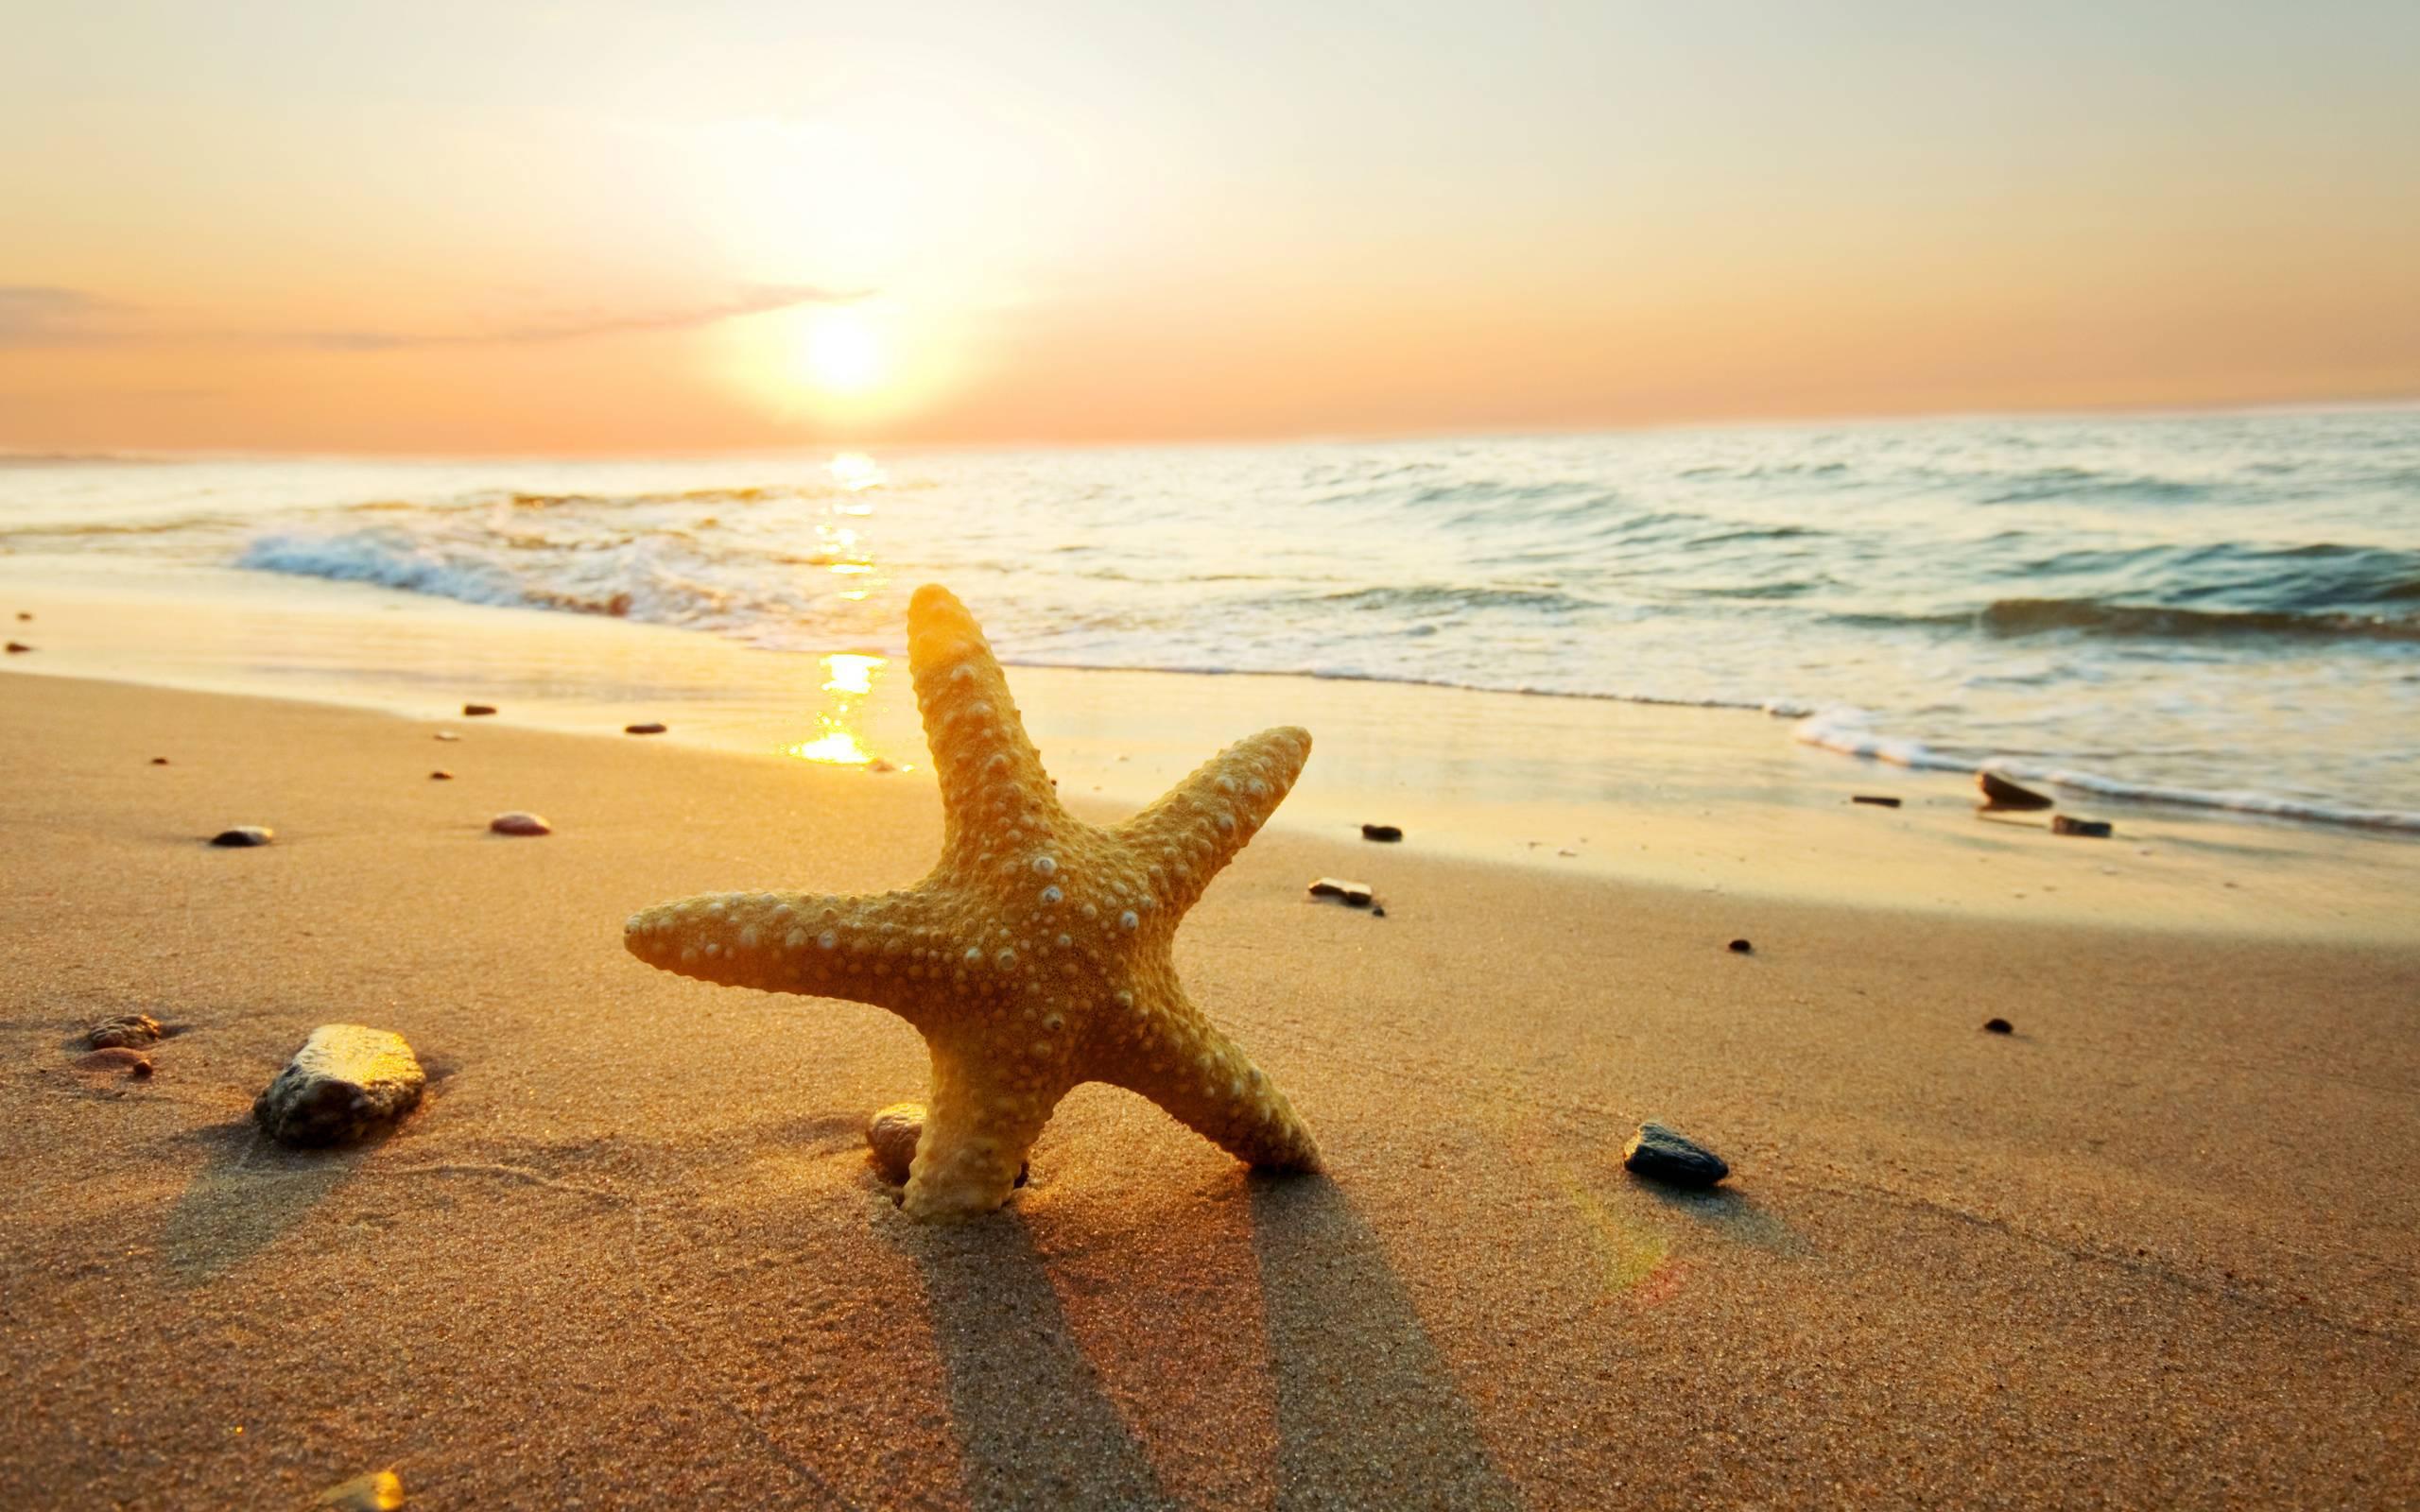 Starfish Widescreen